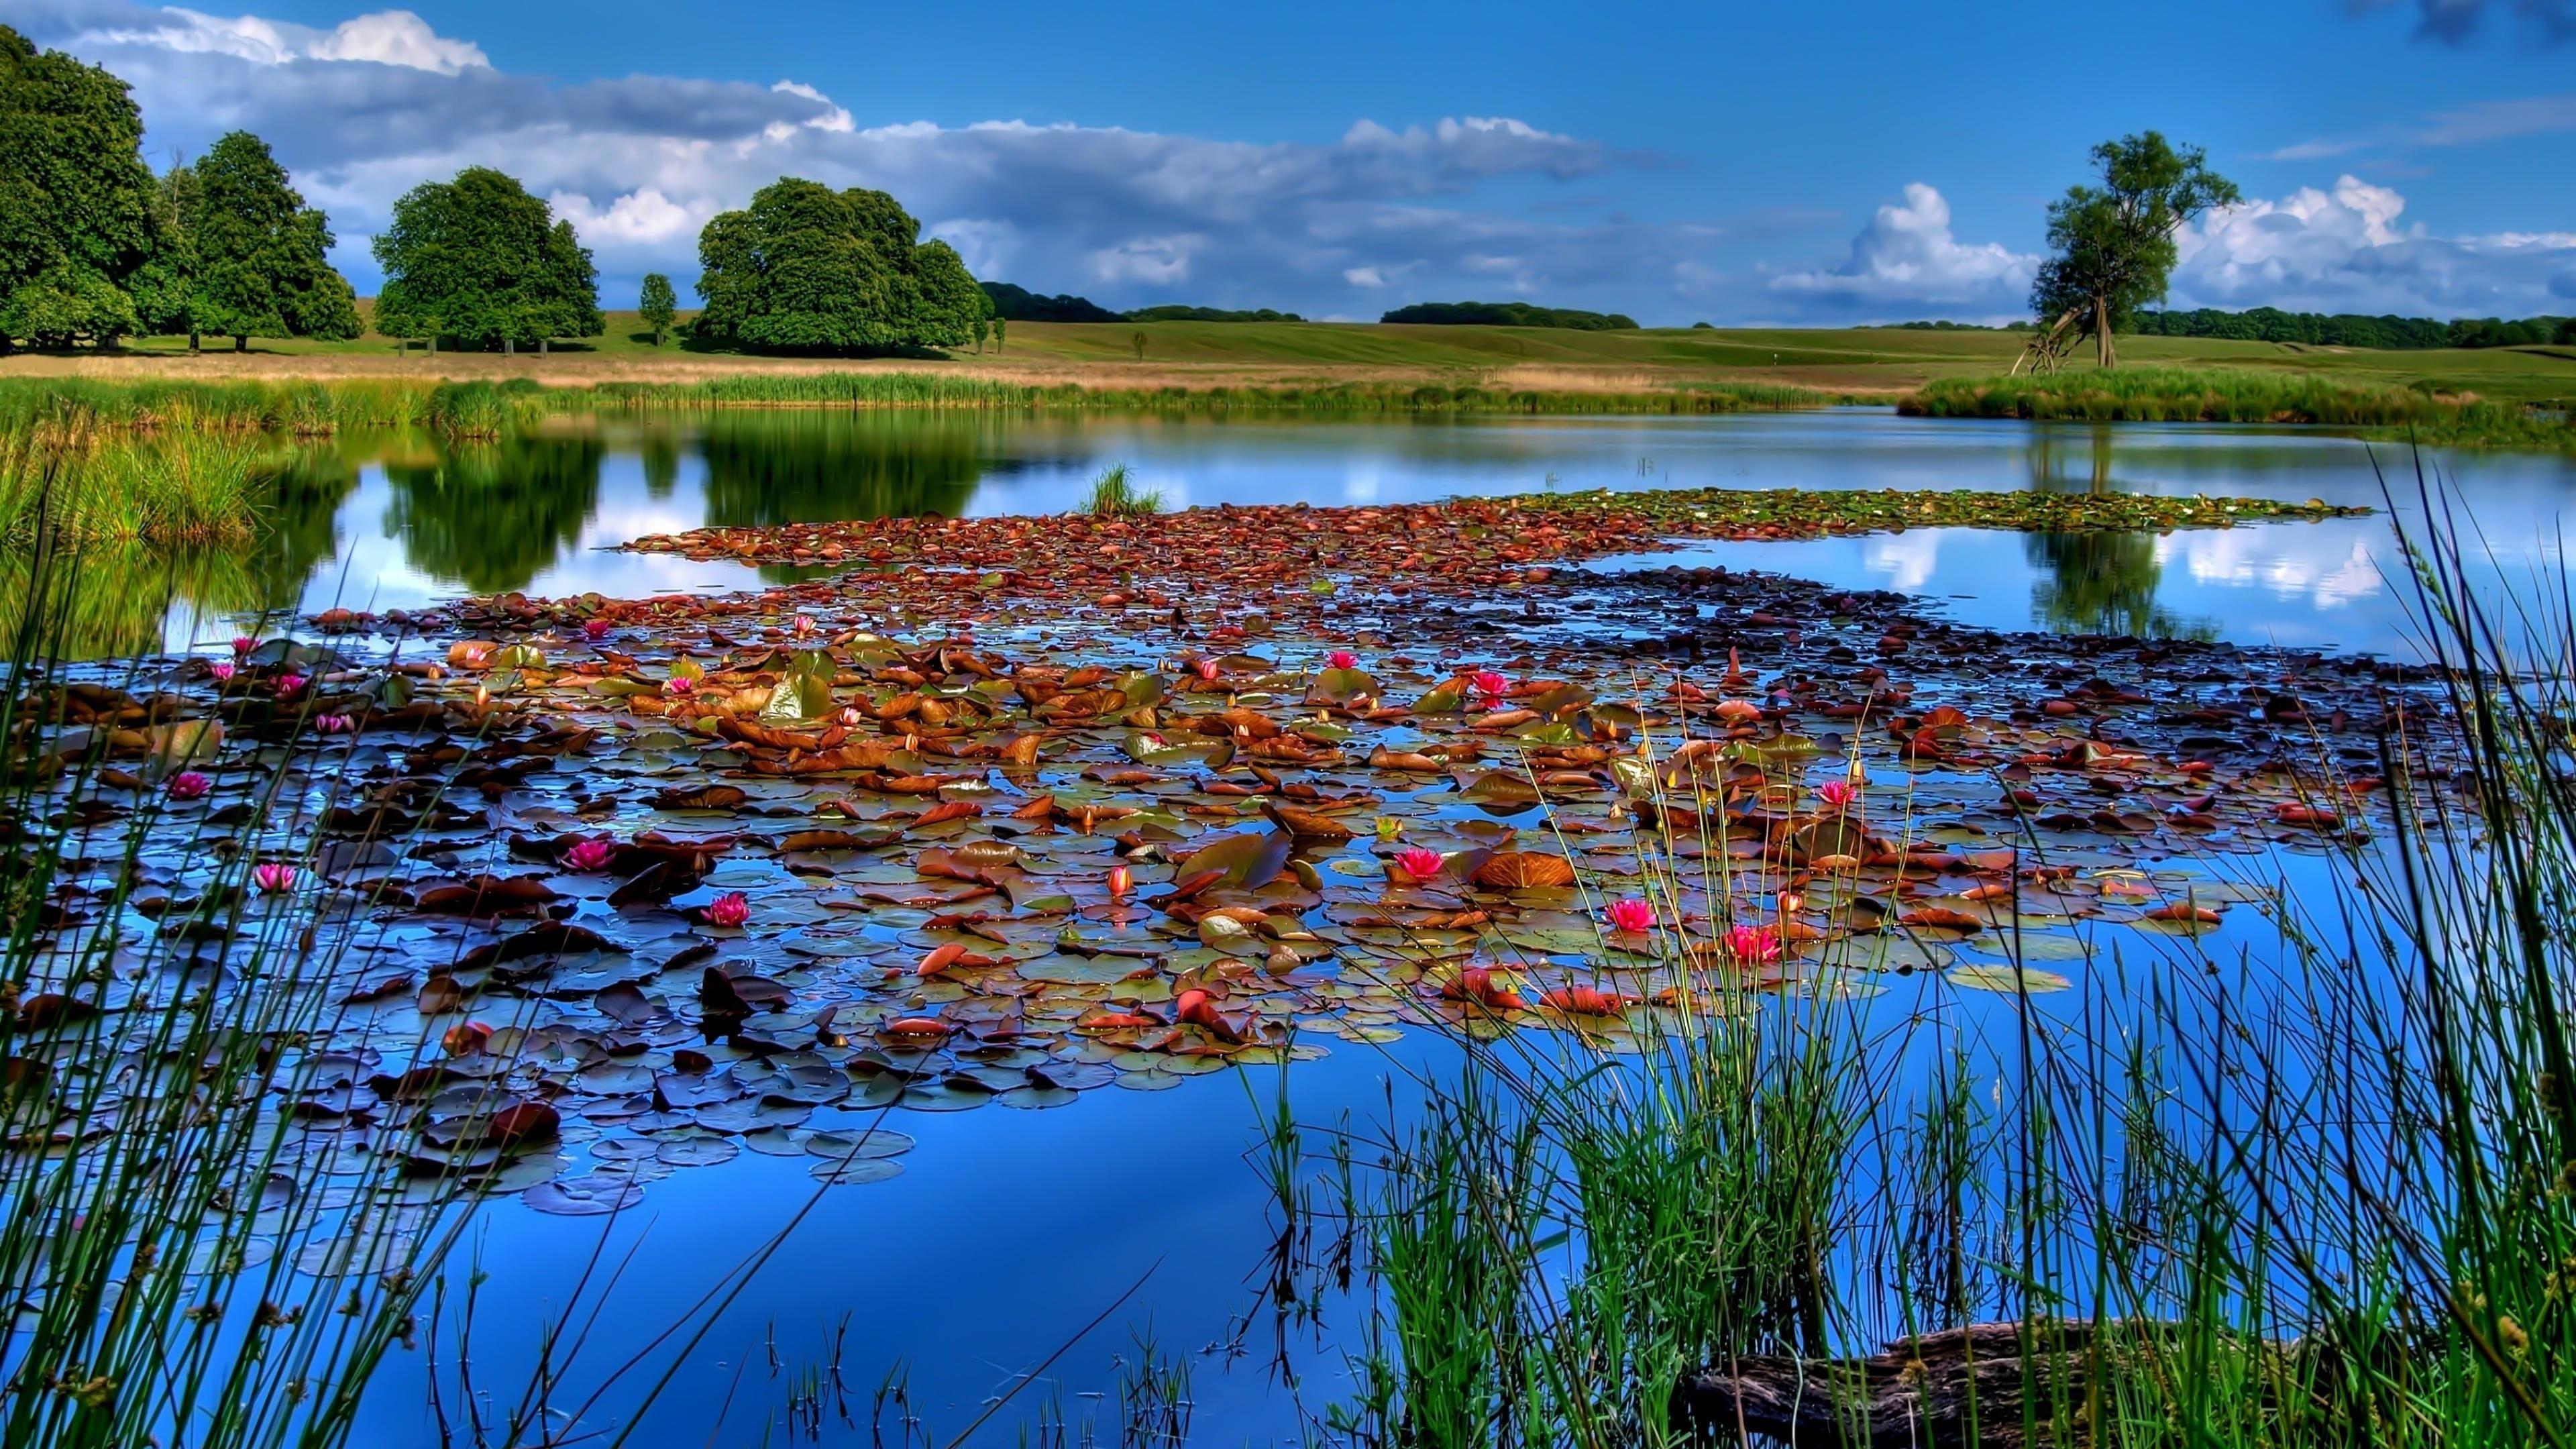 Lily Lake Beautiful Landscape 4k Ultra Hd Wallpaper